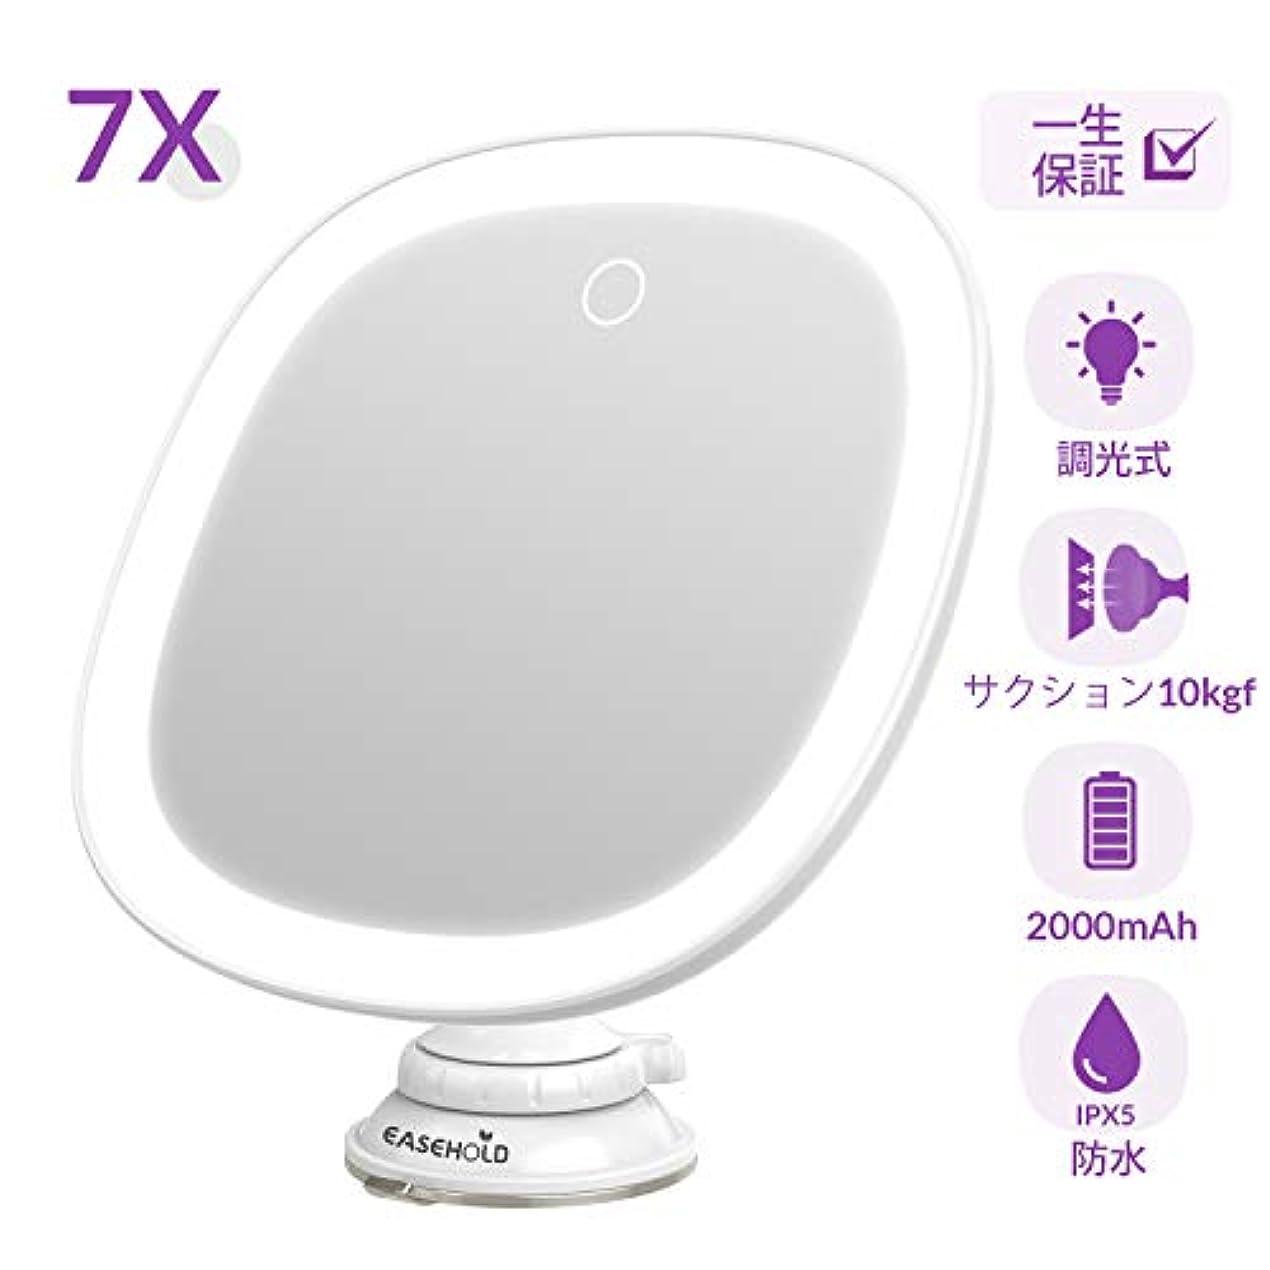 八百屋さん素晴らしさうるさいEasehold 7倍拡大鏡 LED化粧鏡 浴室鏡 卓上鏡 吸盤ロック付きLEDミラー 壁掛けメイクミラー 360度回転スタンドミラー 明るさ調節可能 USB充電 IPX5防水